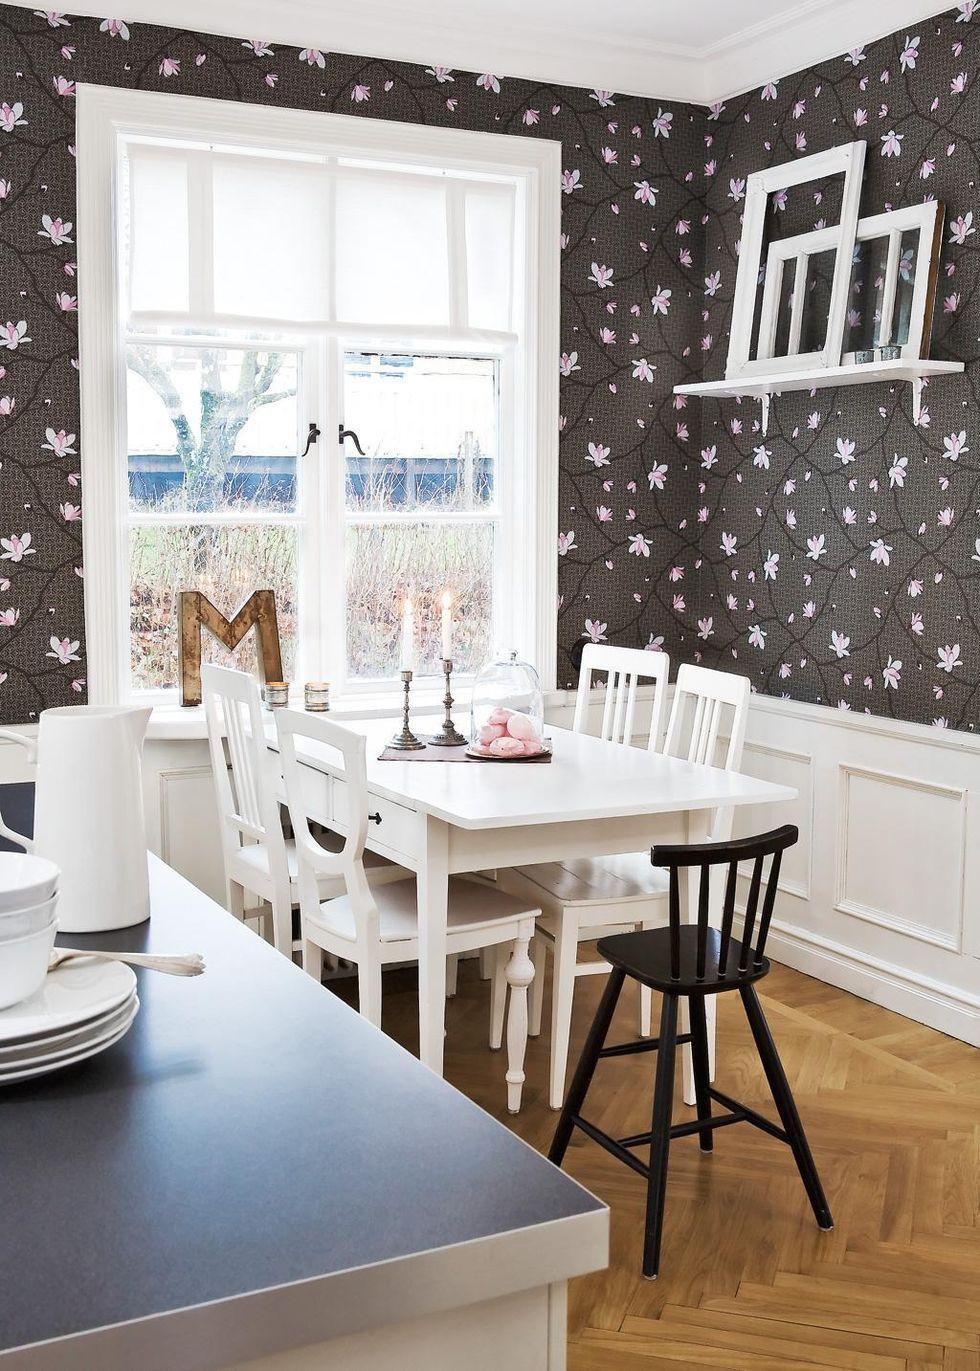 Esszimmer ideen im freien window  furnituredecoration  pinterest